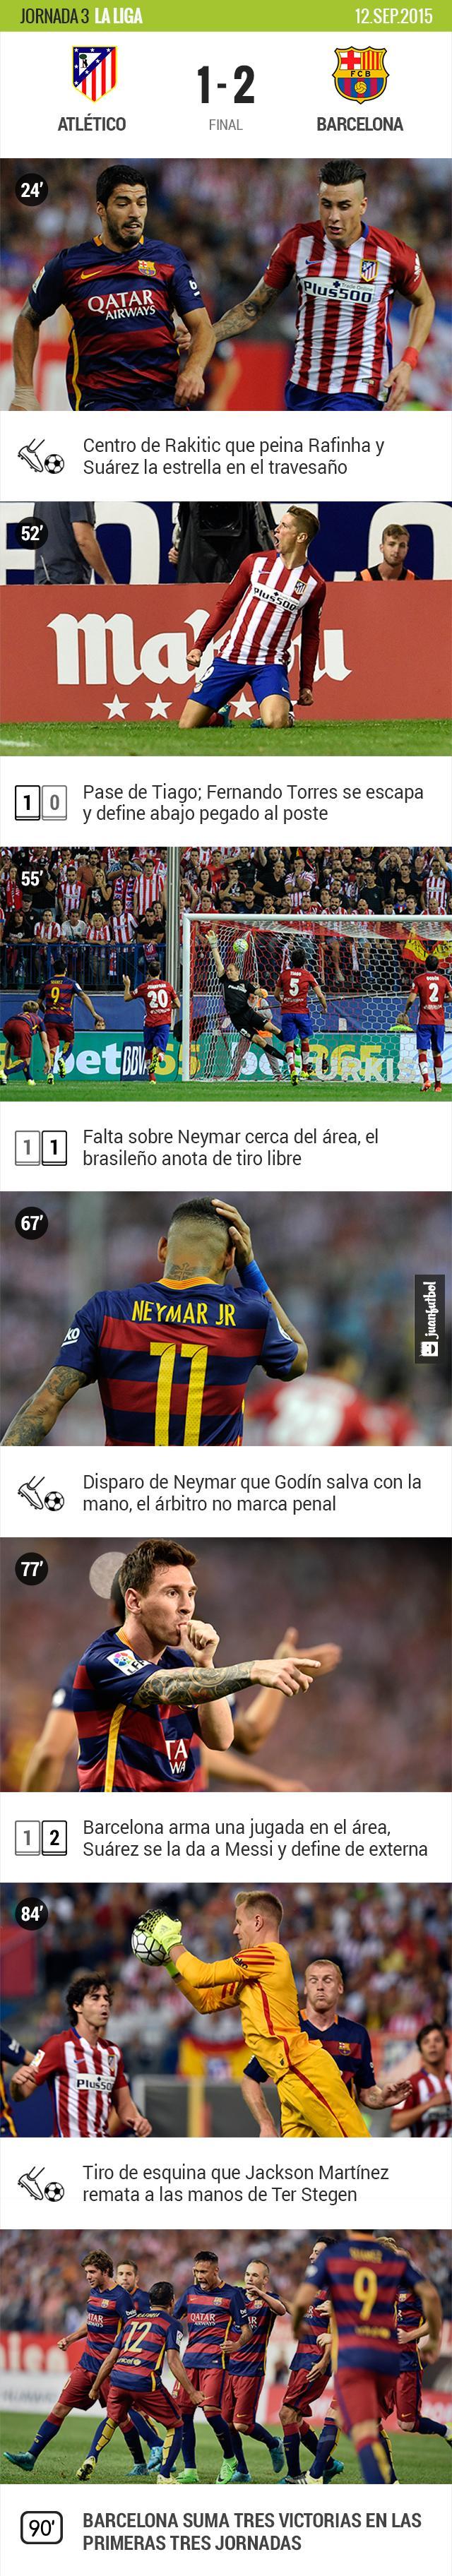 Barcelona vence al Atlético en su visita a Madrid con goles de Neymar y Lionel Messi.